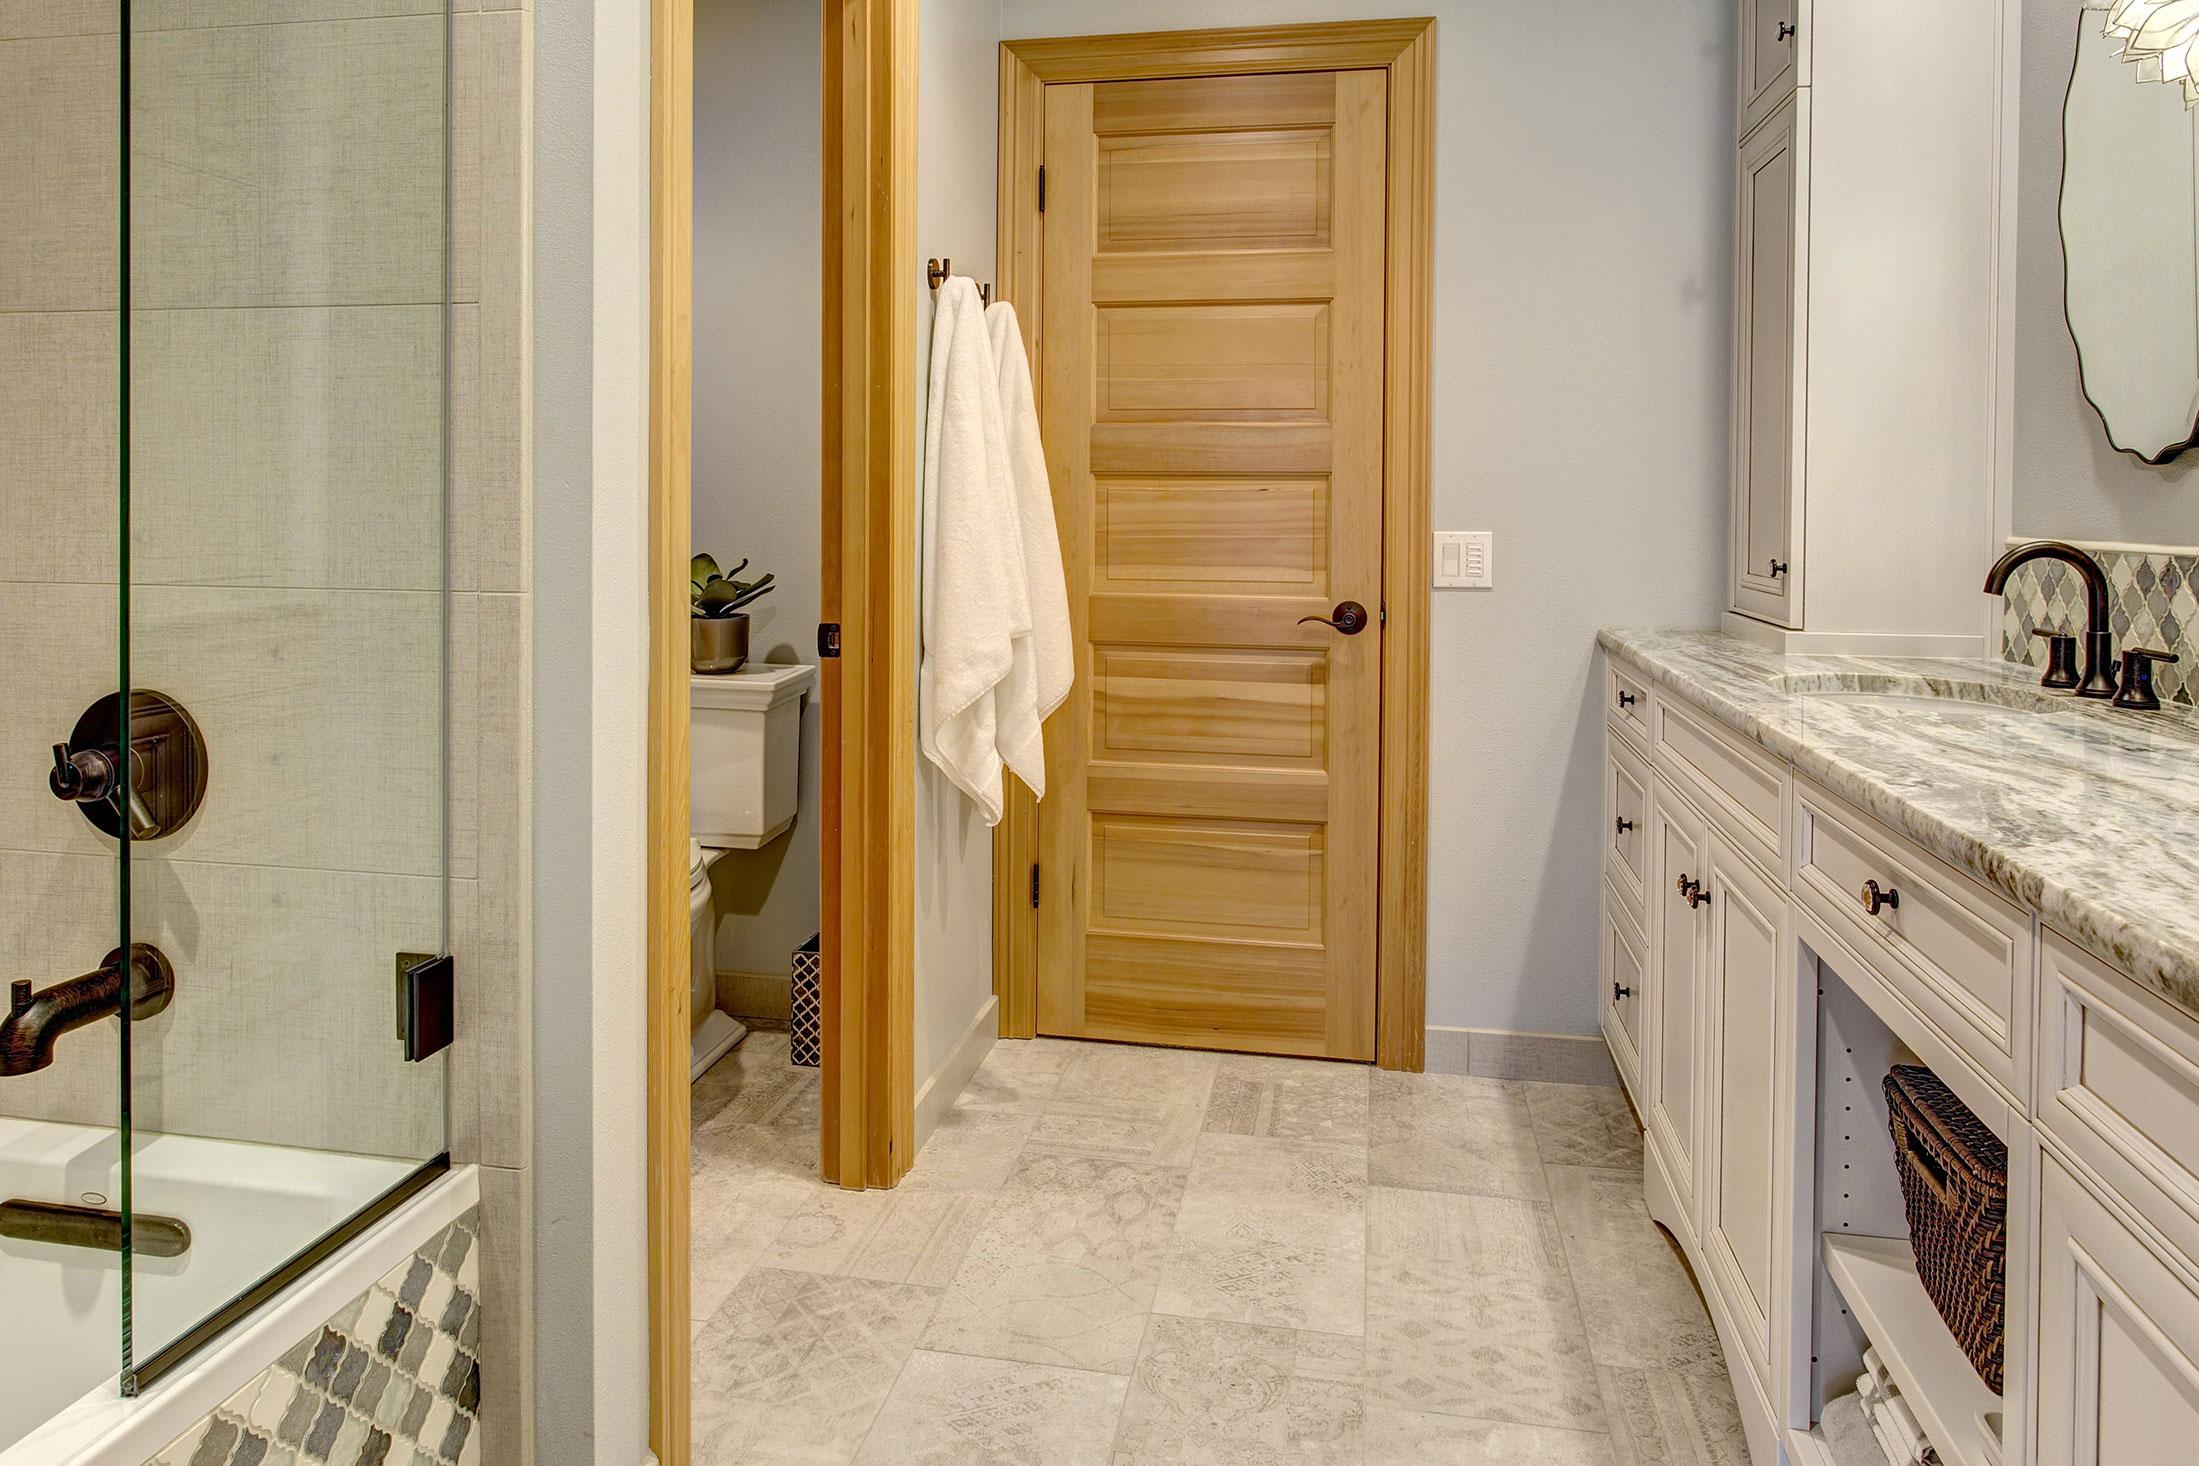 Bathroom10-min_0